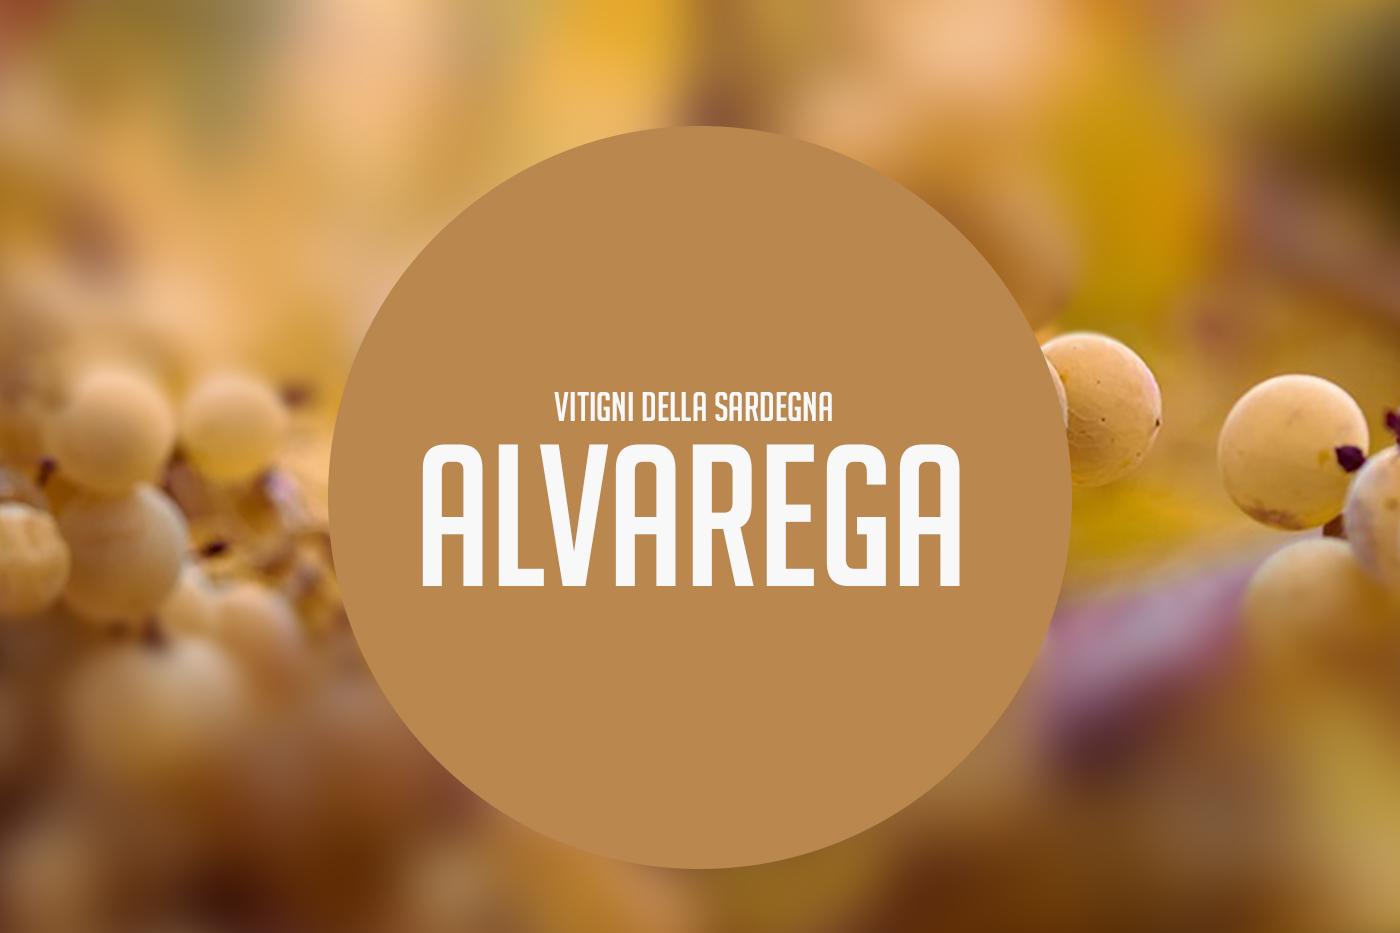 Alvarega